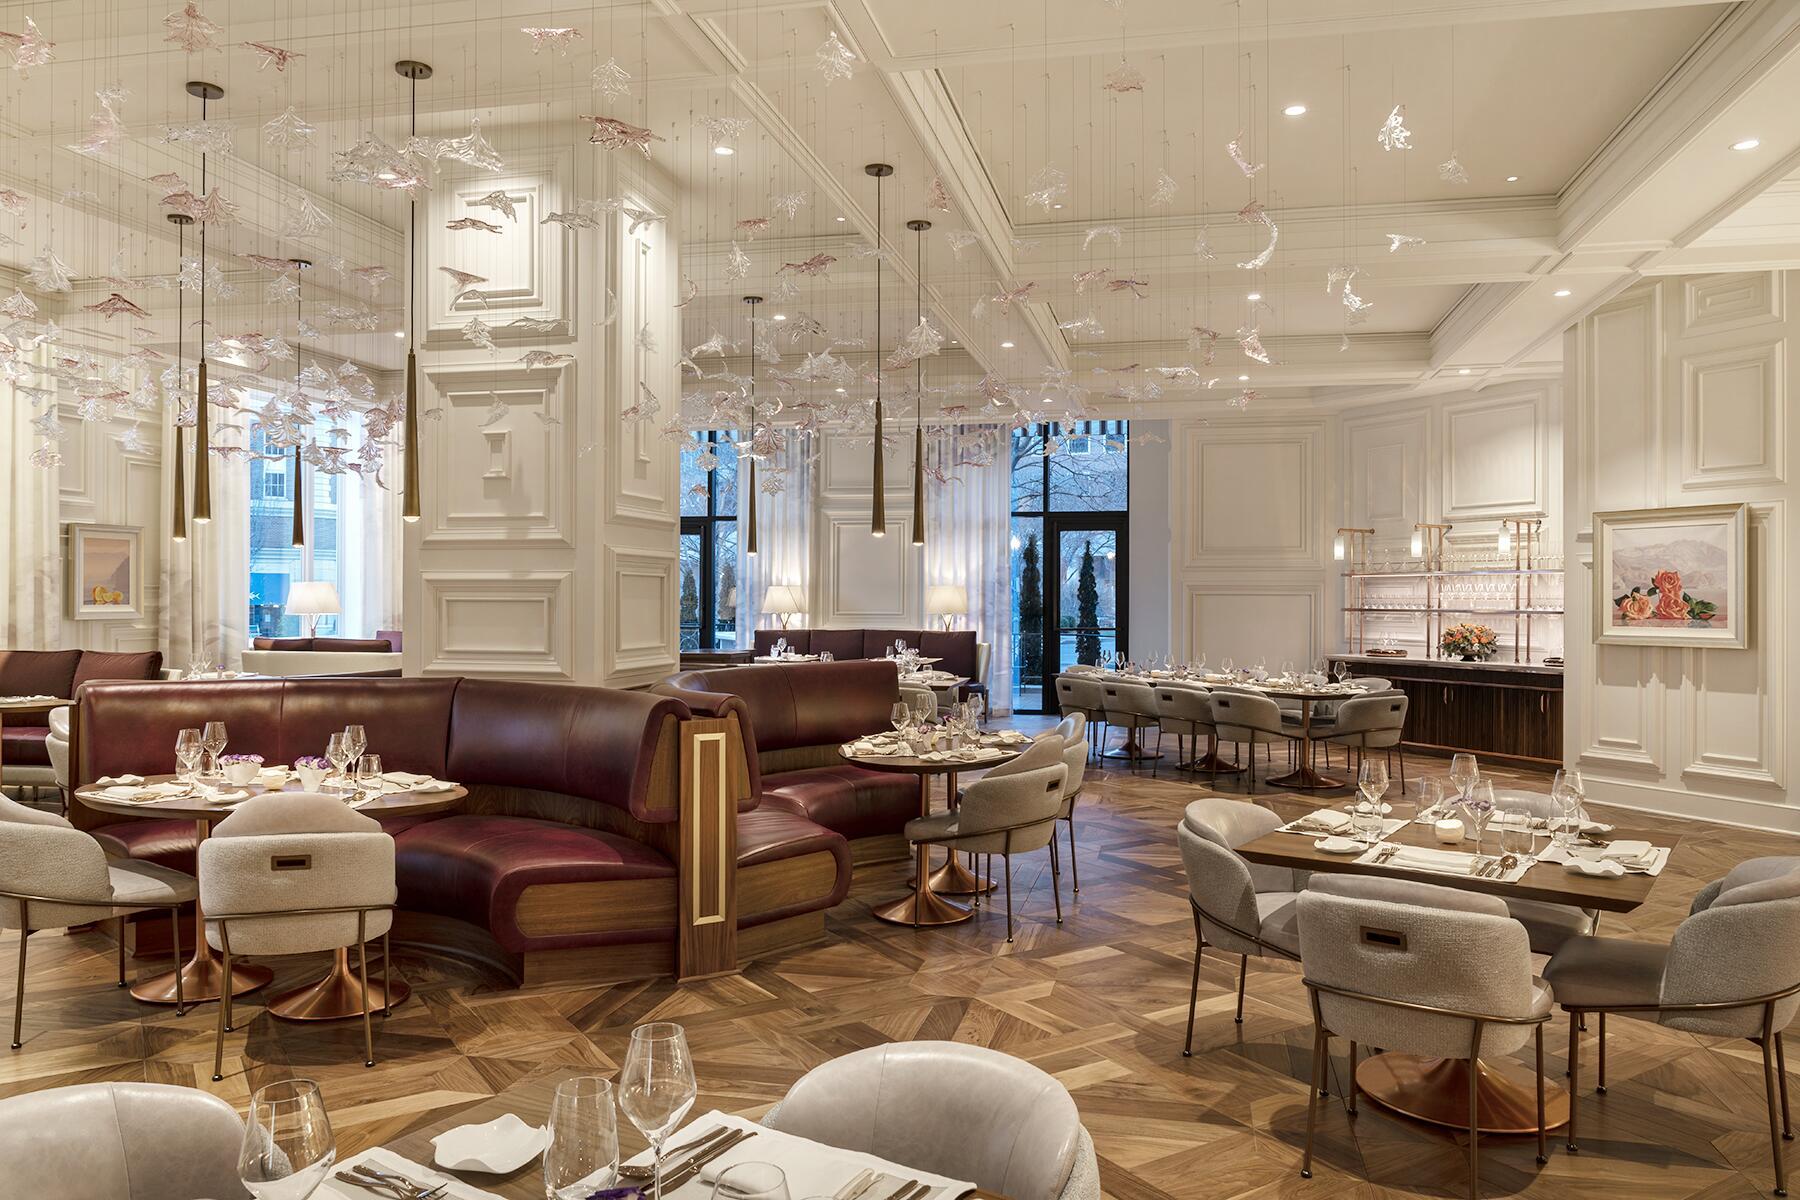 01_ItalianRestaurantsUS__CasaDonAlfonso_1 STLRZ Dinning Room Dusk v2